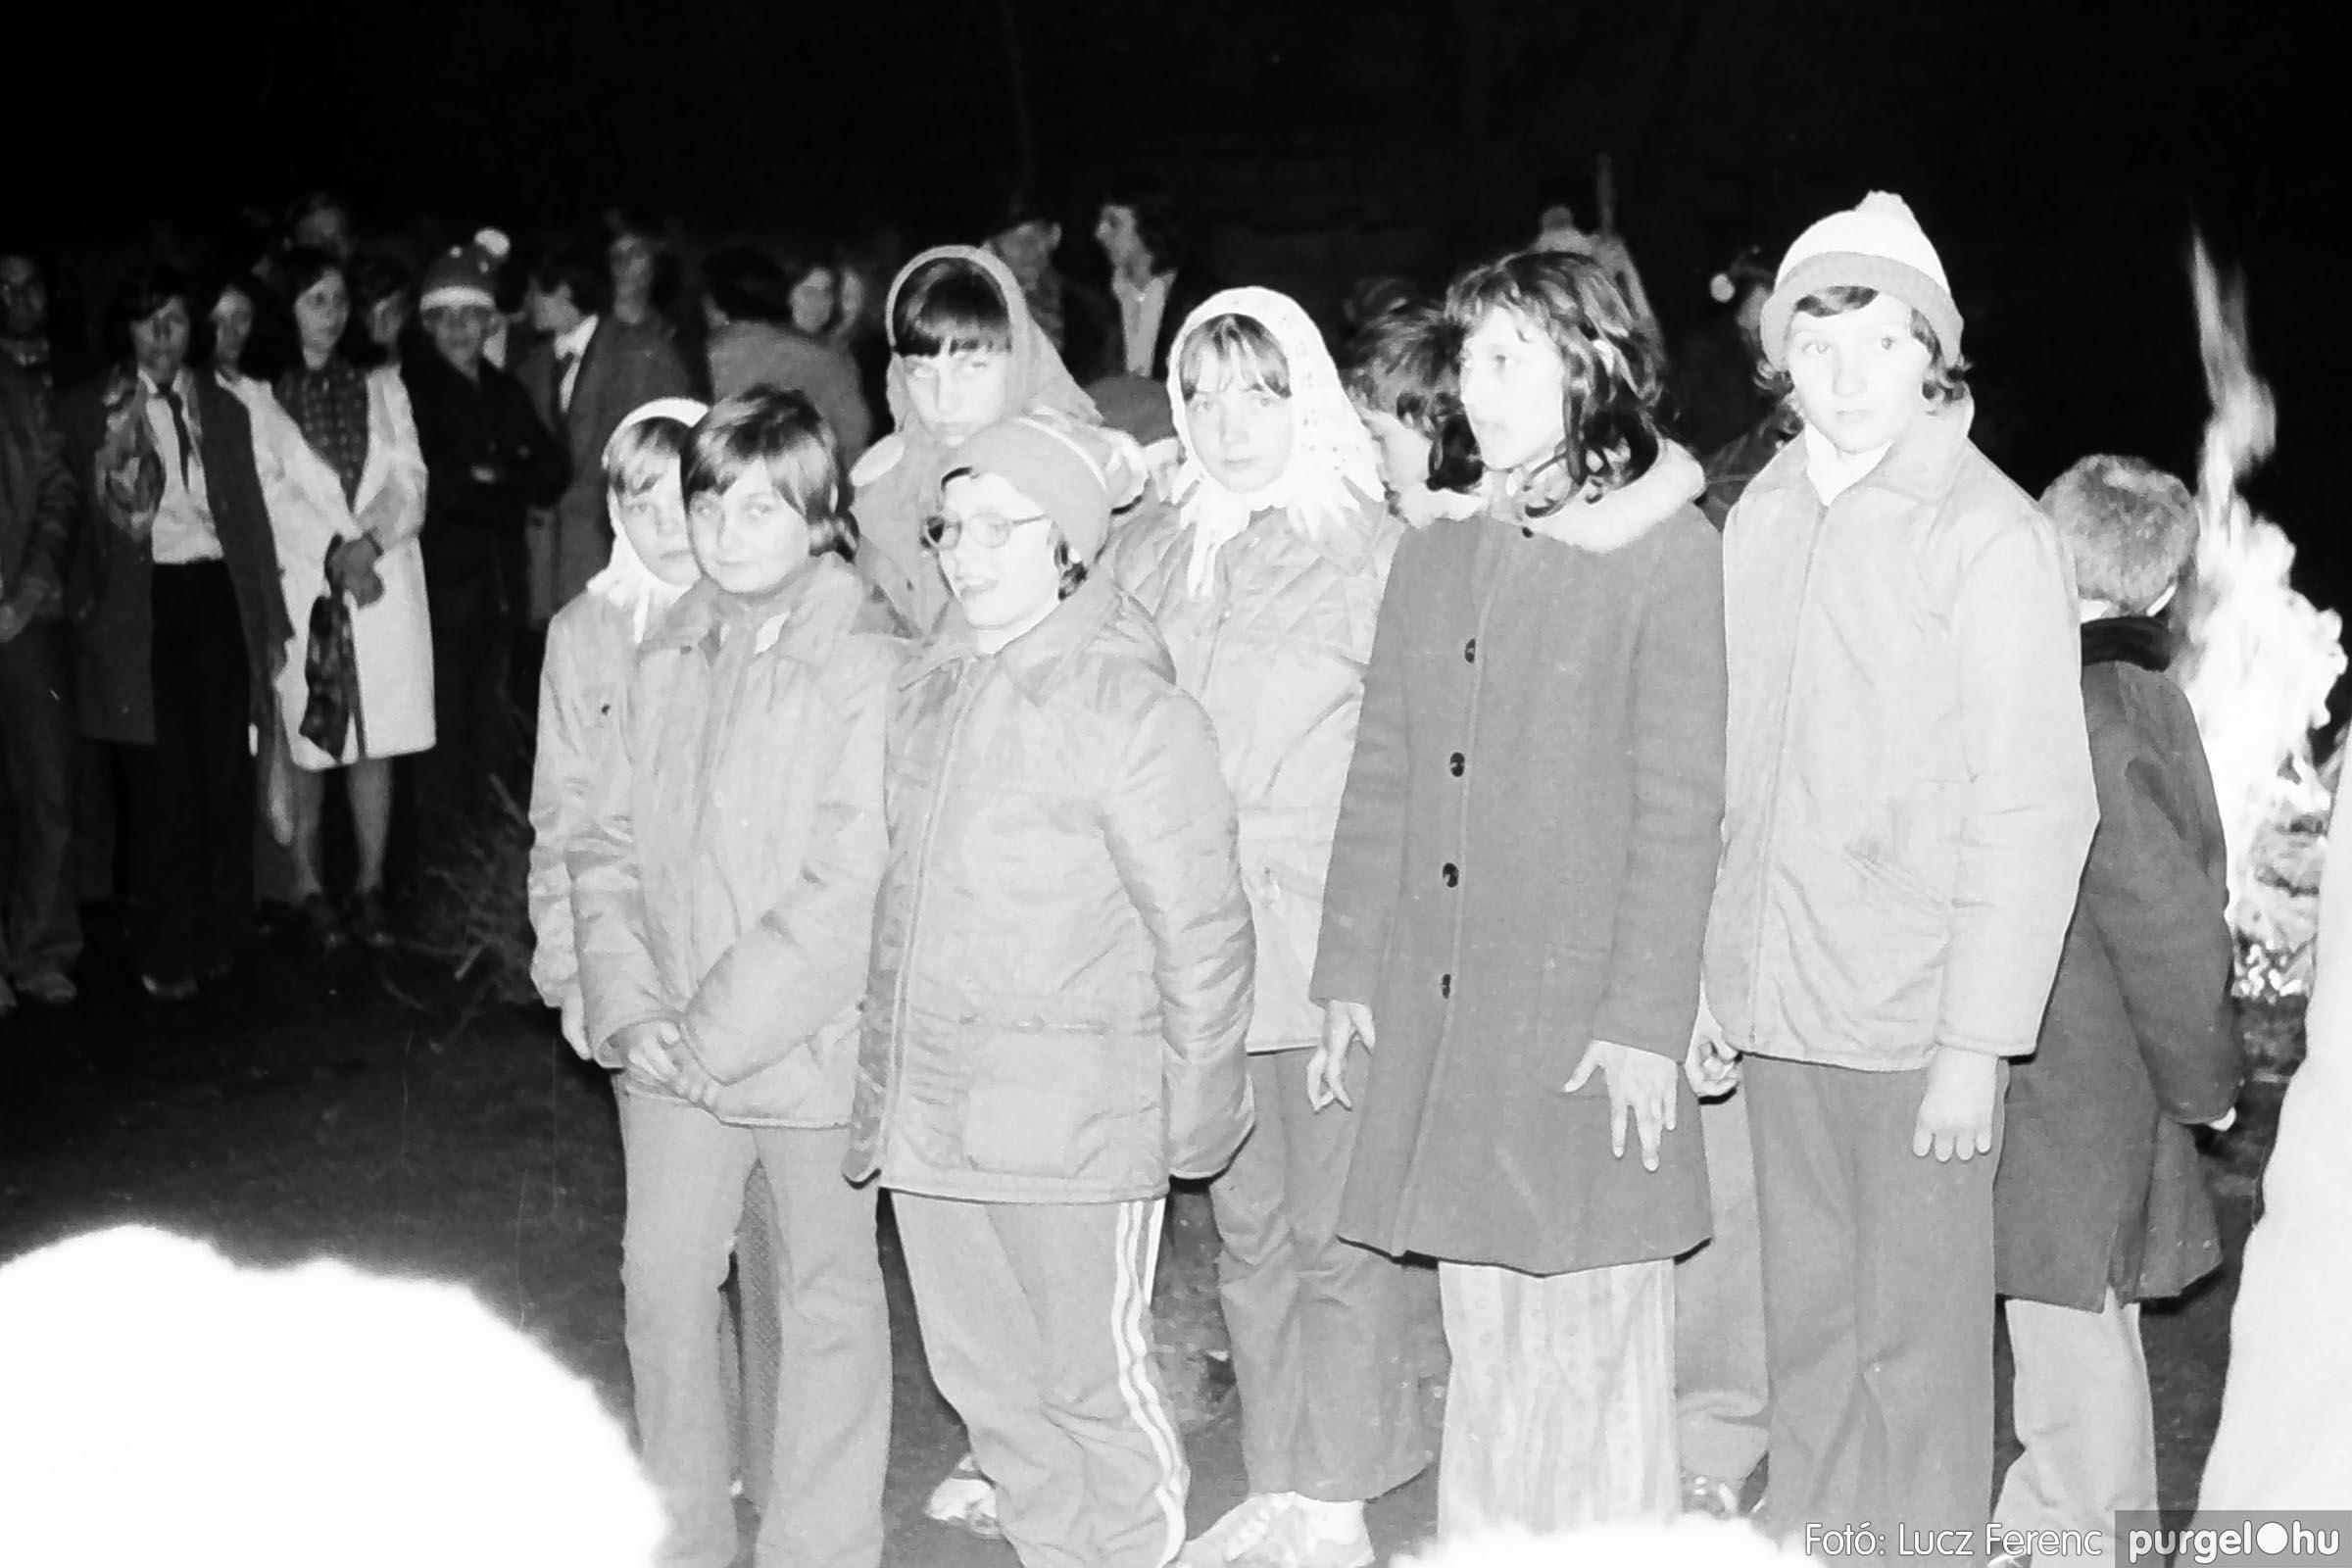 009 1975.04. Tűzgyújtás a kultúrház előtt 007 - Fotó: Lucz Ferenc IMG00190q.jpg